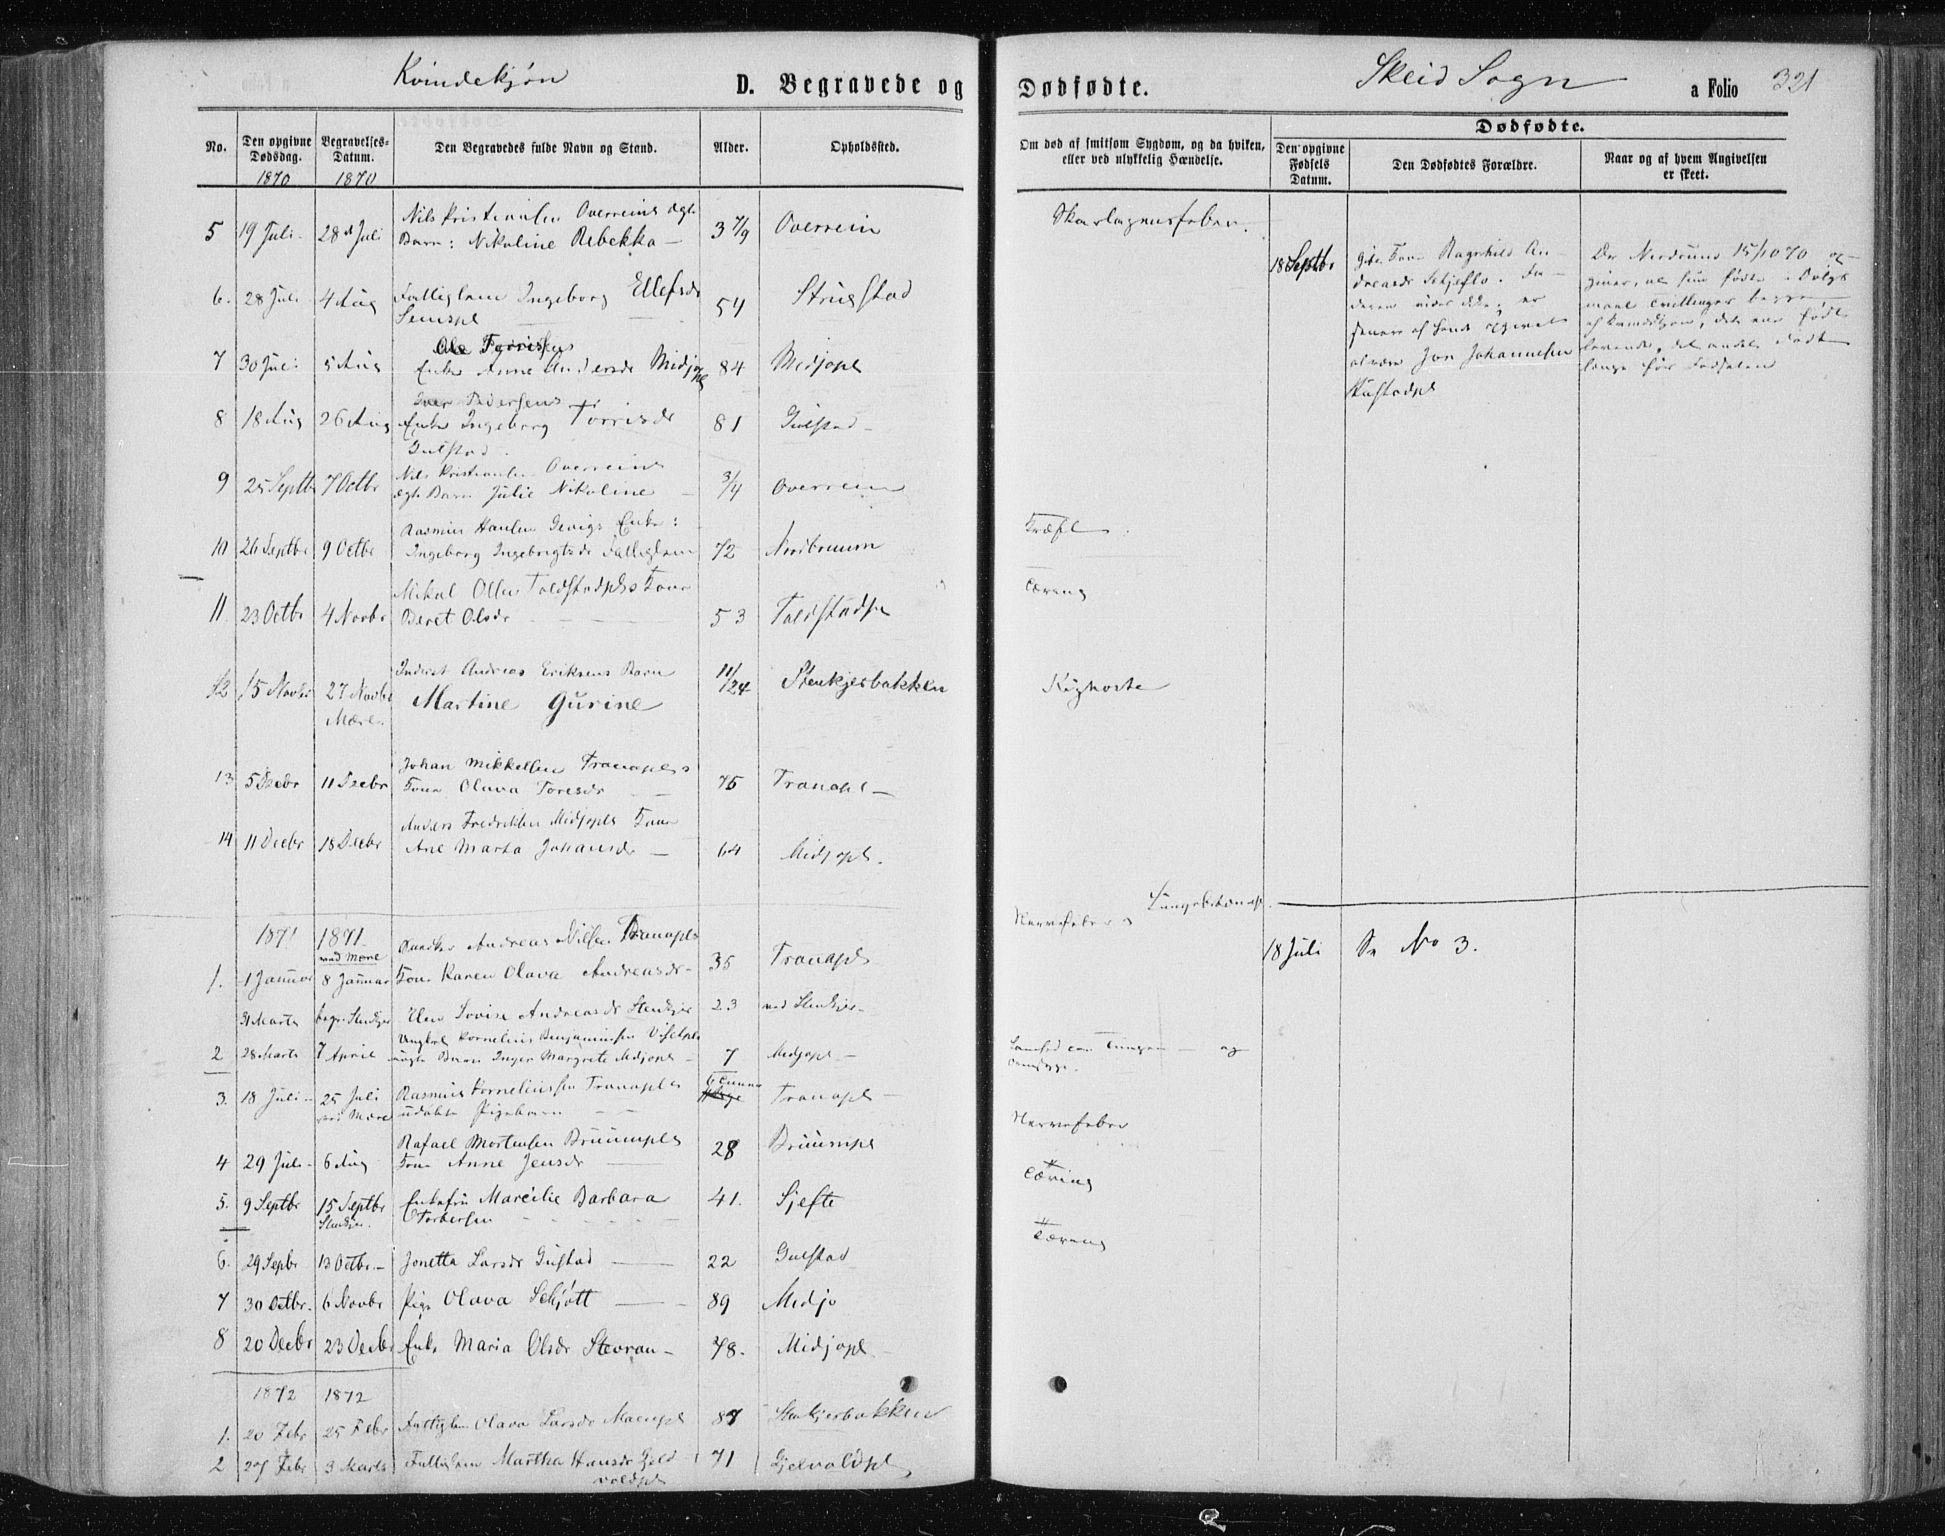 SAT, Ministerialprotokoller, klokkerbøker og fødselsregistre - Nord-Trøndelag, 735/L0345: Ministerialbok nr. 735A08 /2, 1863-1872, s. 321